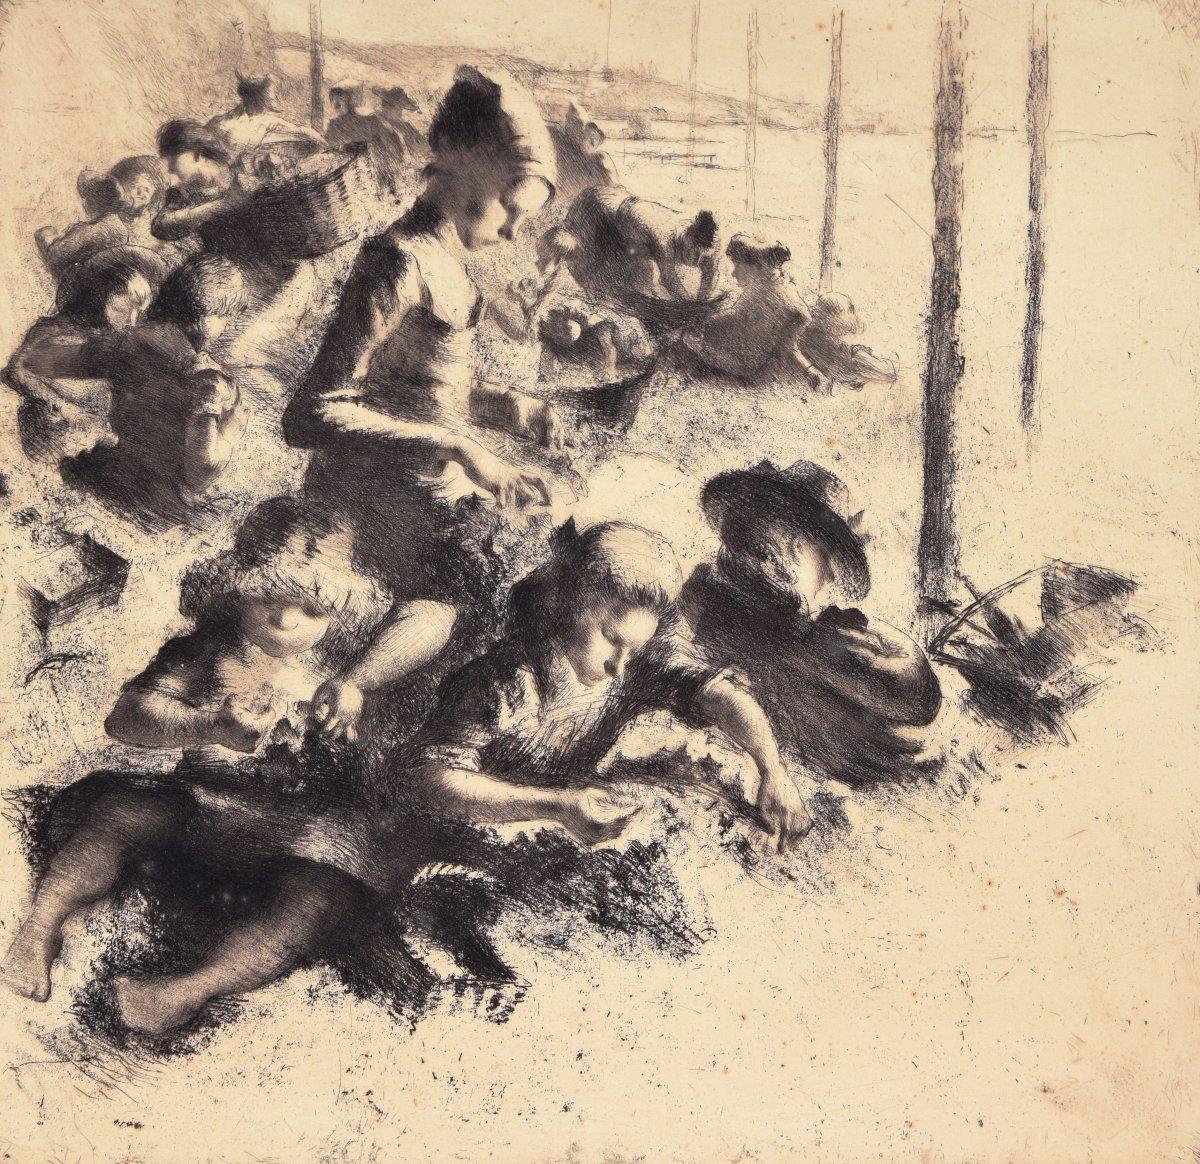 Künstler Reutlingen walter ast 1884 1976 zugeschr ellwangen reutlingen radierung